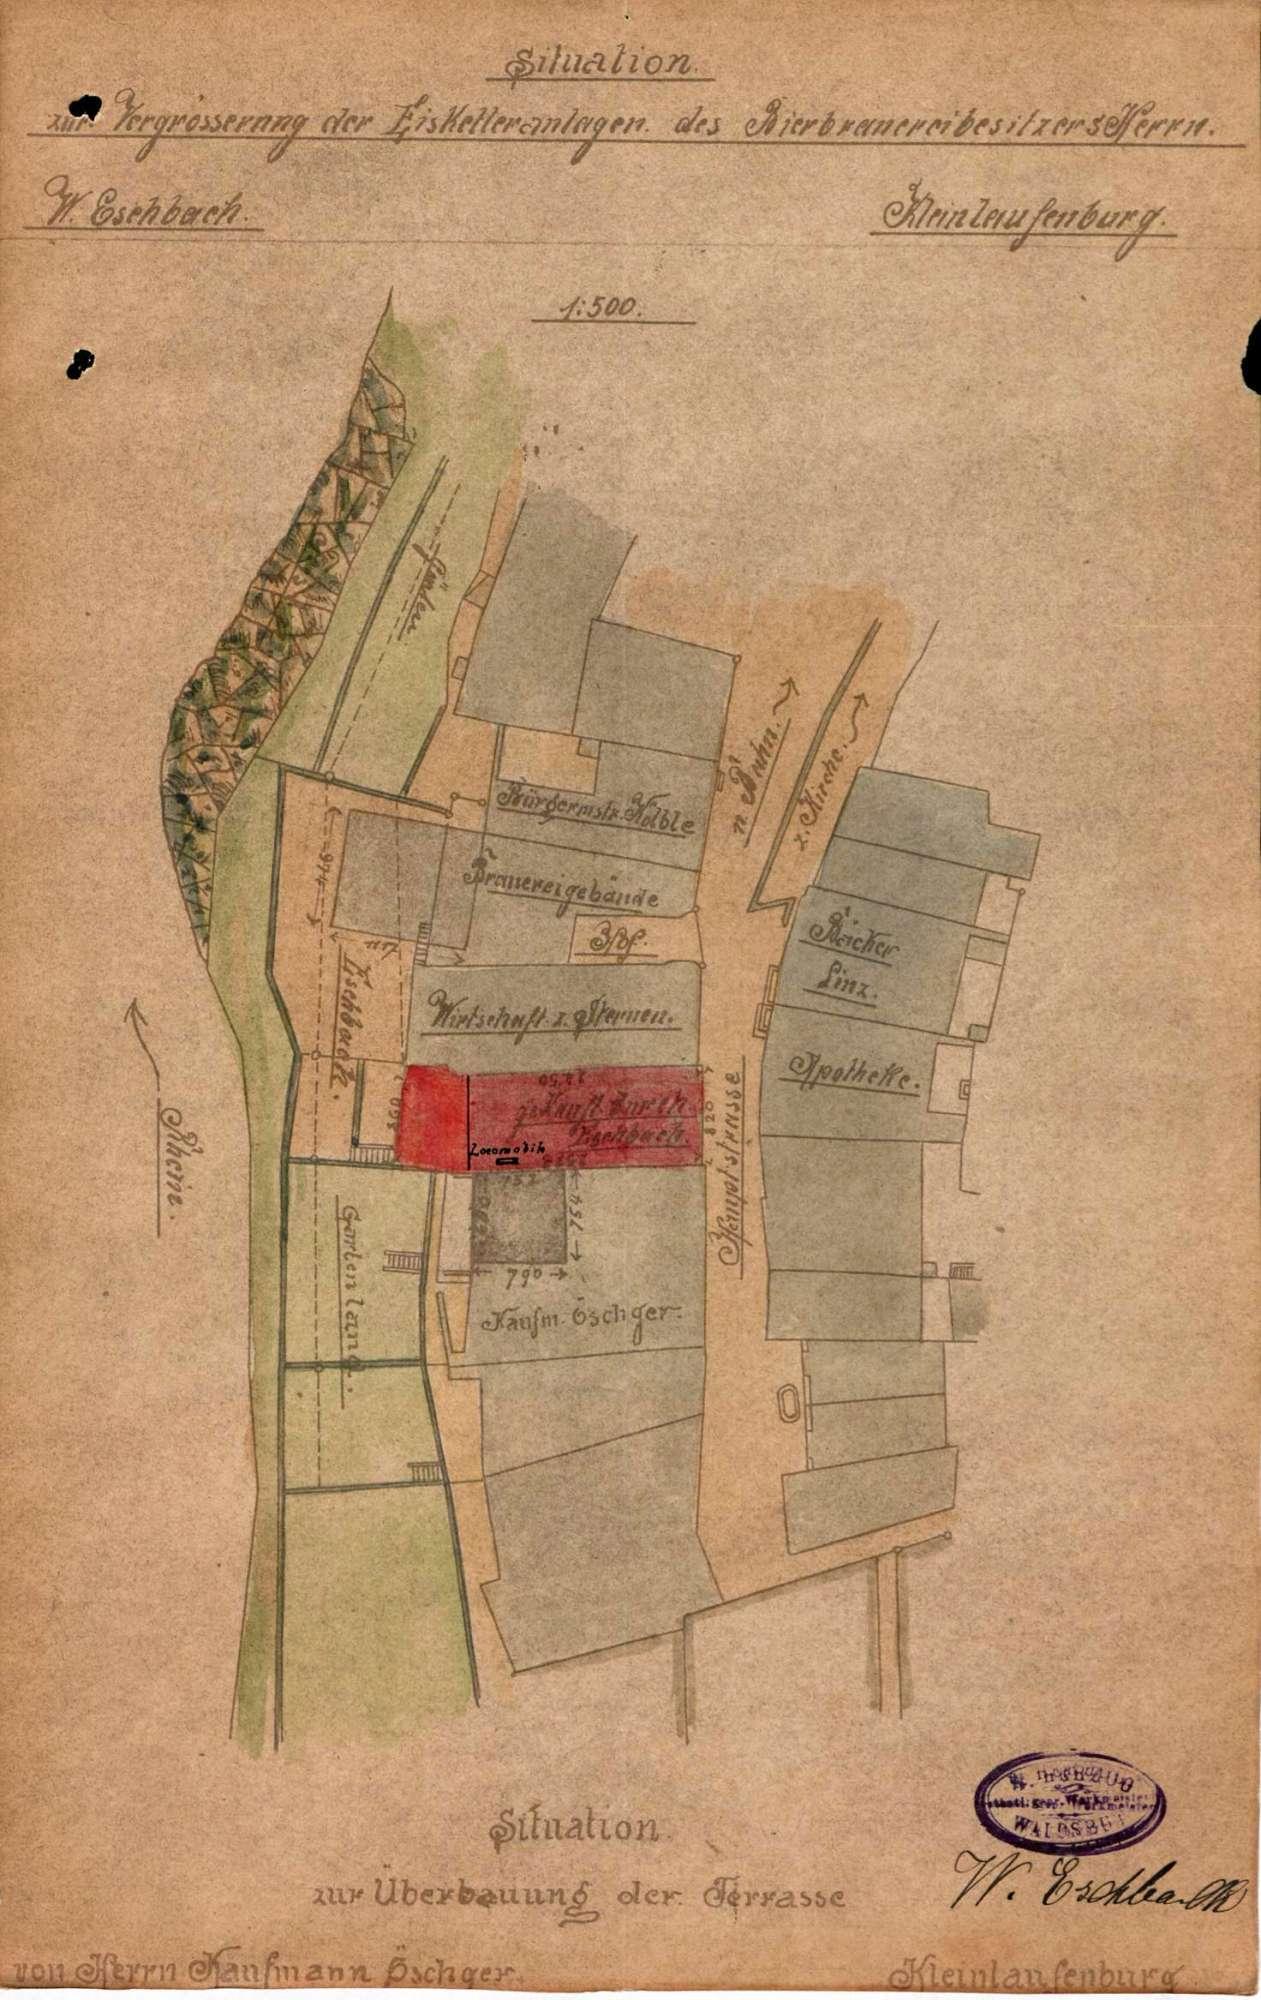 Dampfkessel der Firma Wilhelm Eschlach in Kleinlaufenburg, Bild 2